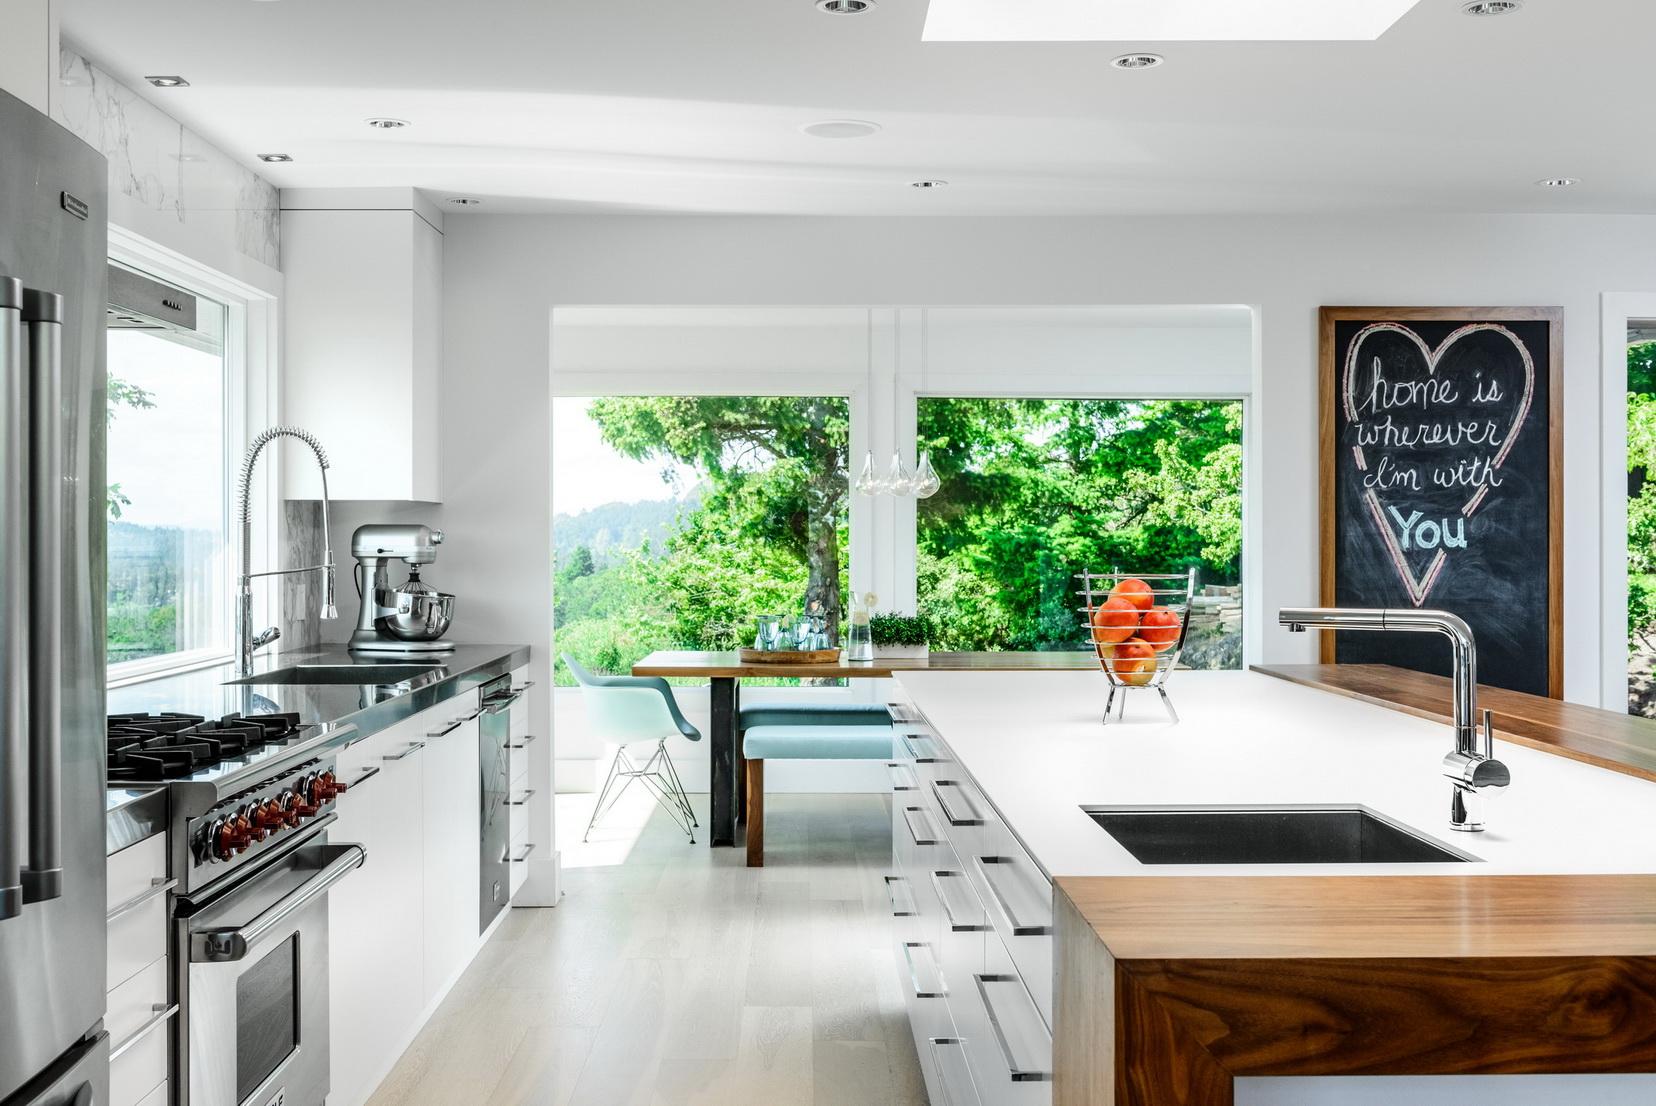 מטבח מודרני לבן - משטח נאוליט חזק ונוח לניקוי